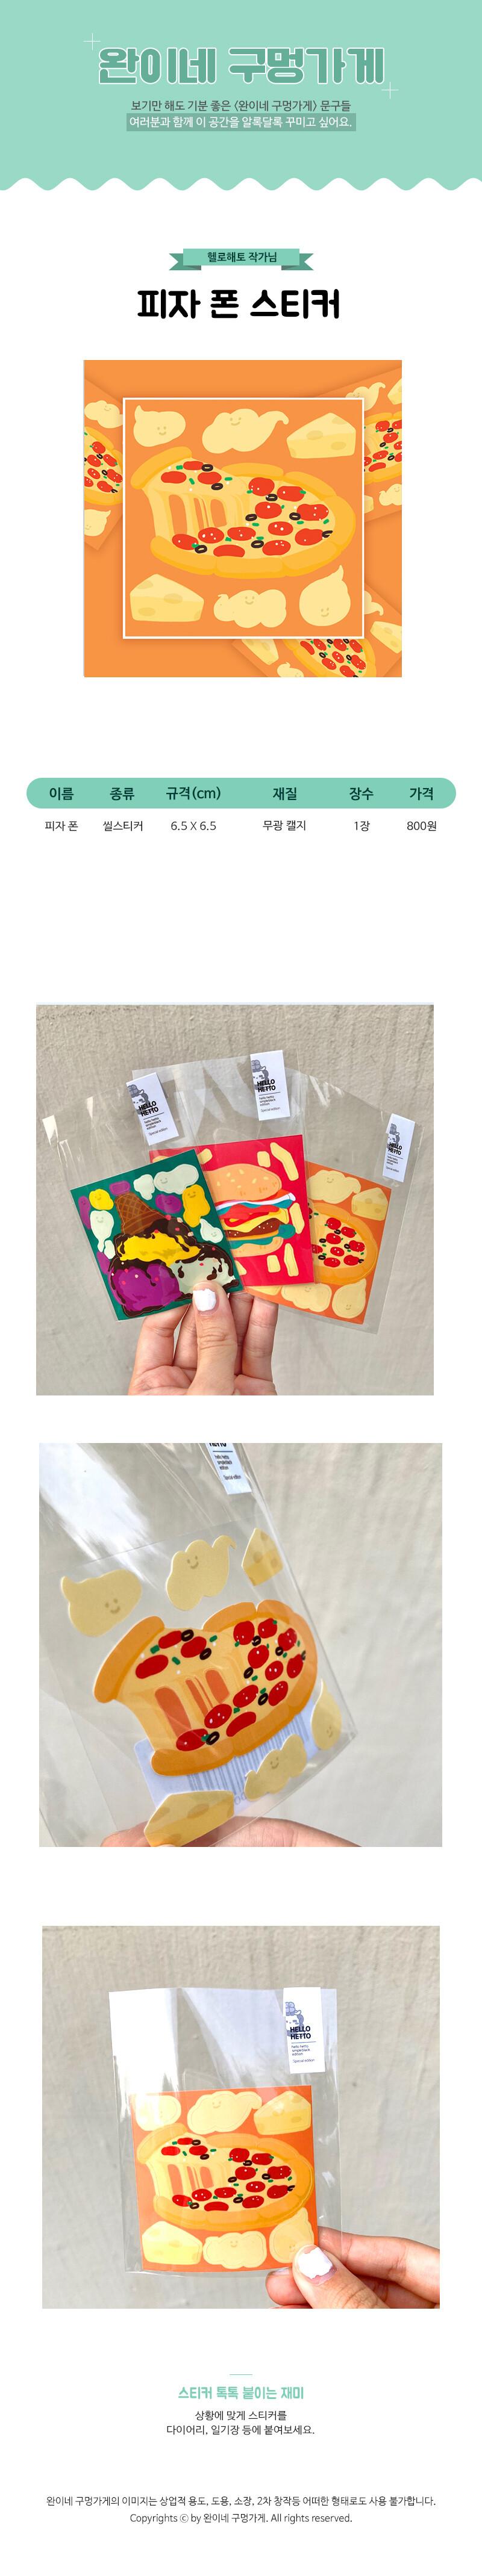 sticker801